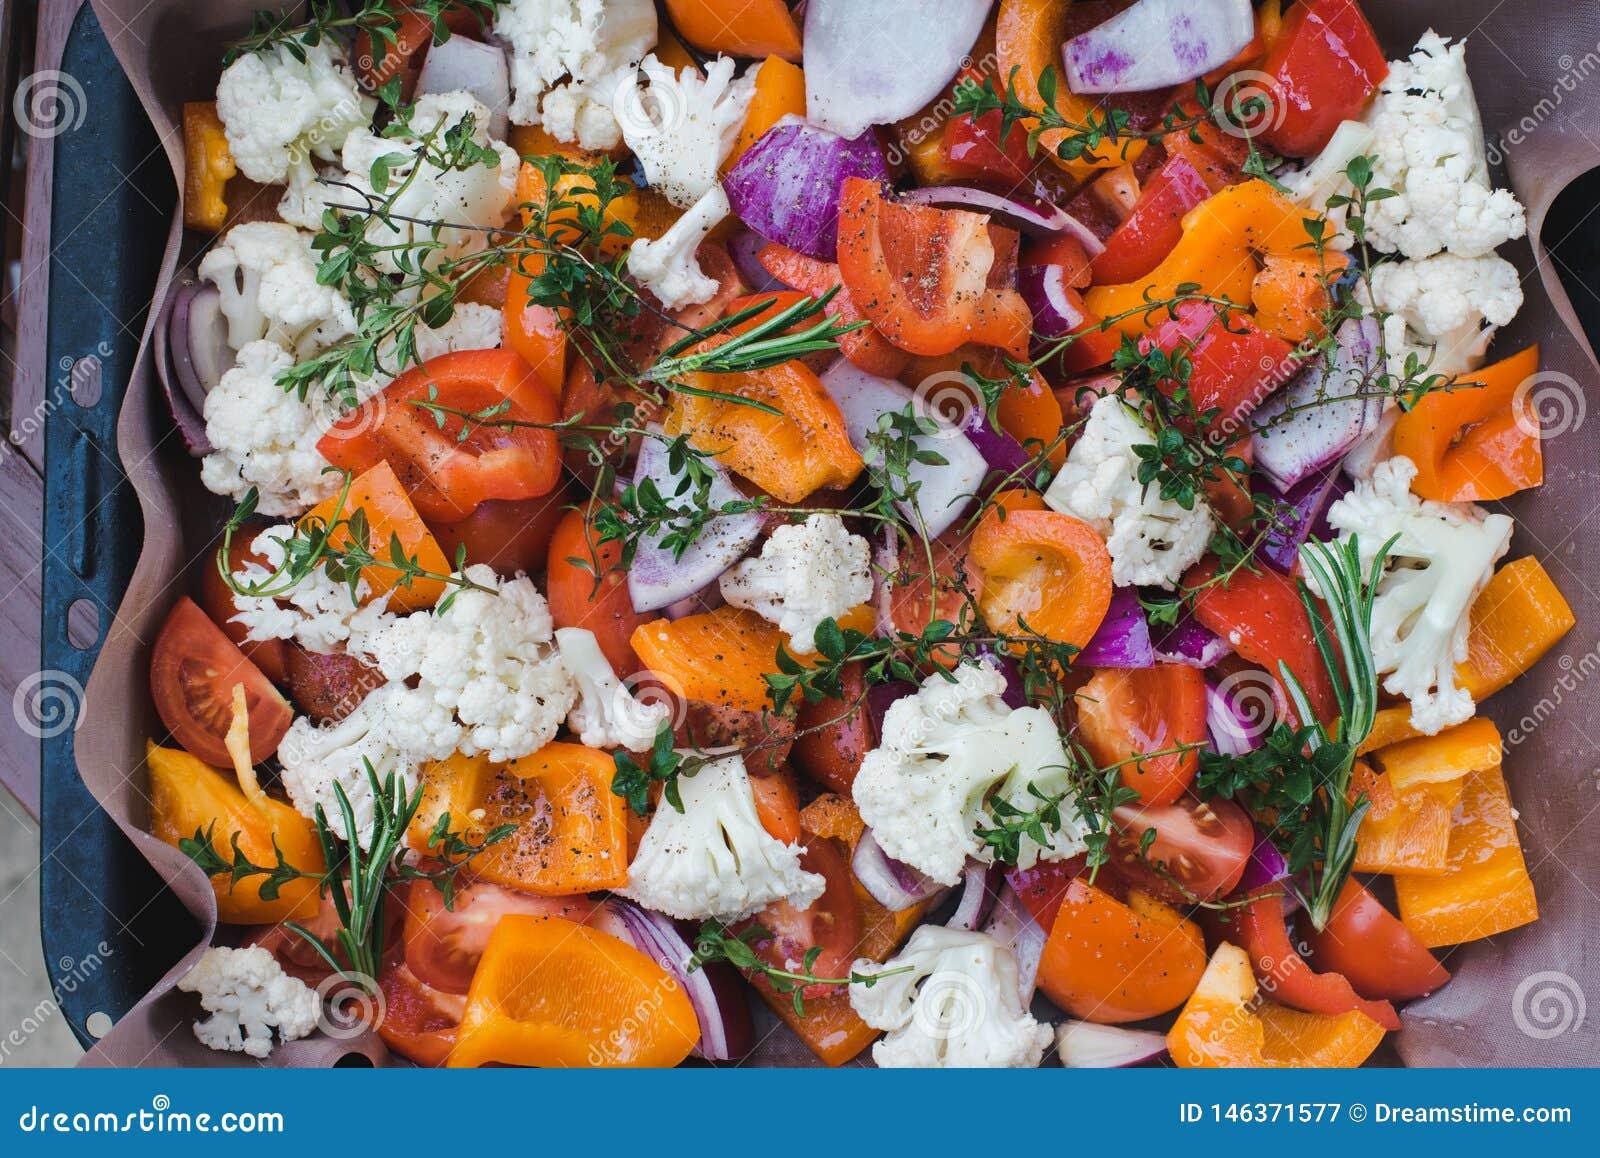 Pyszne jedzenie zdrowe T?o pokrojeni surowi warzywa przed piec na pergaminie Poj?cie kucharstwo, wegetarianizm i